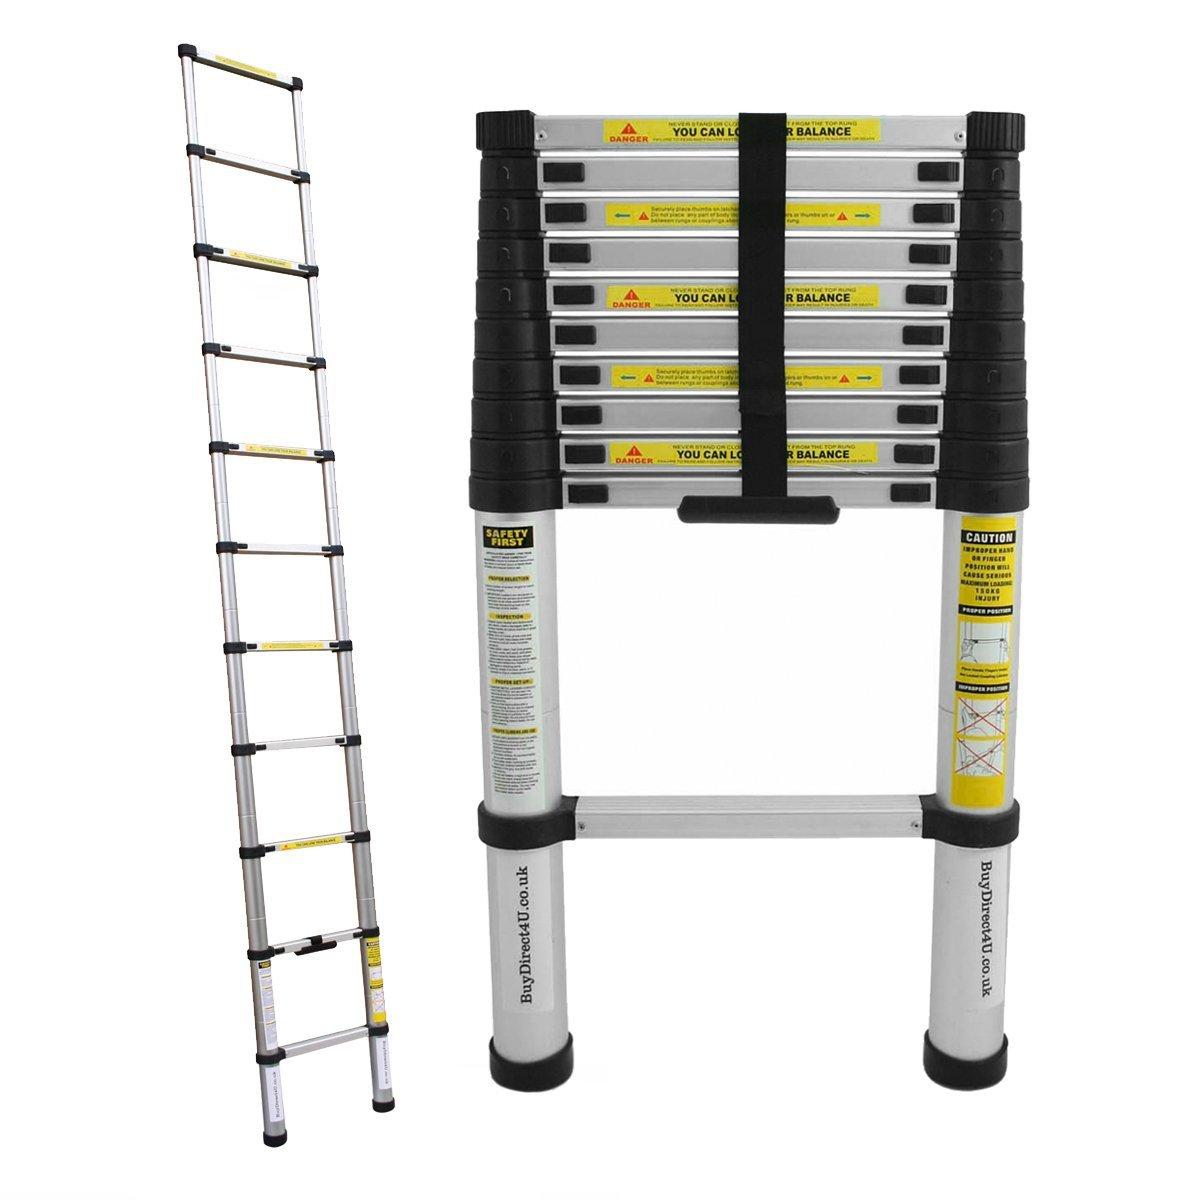 Best Telescopic Ladder 2019 Telescopic Ladder Reviews